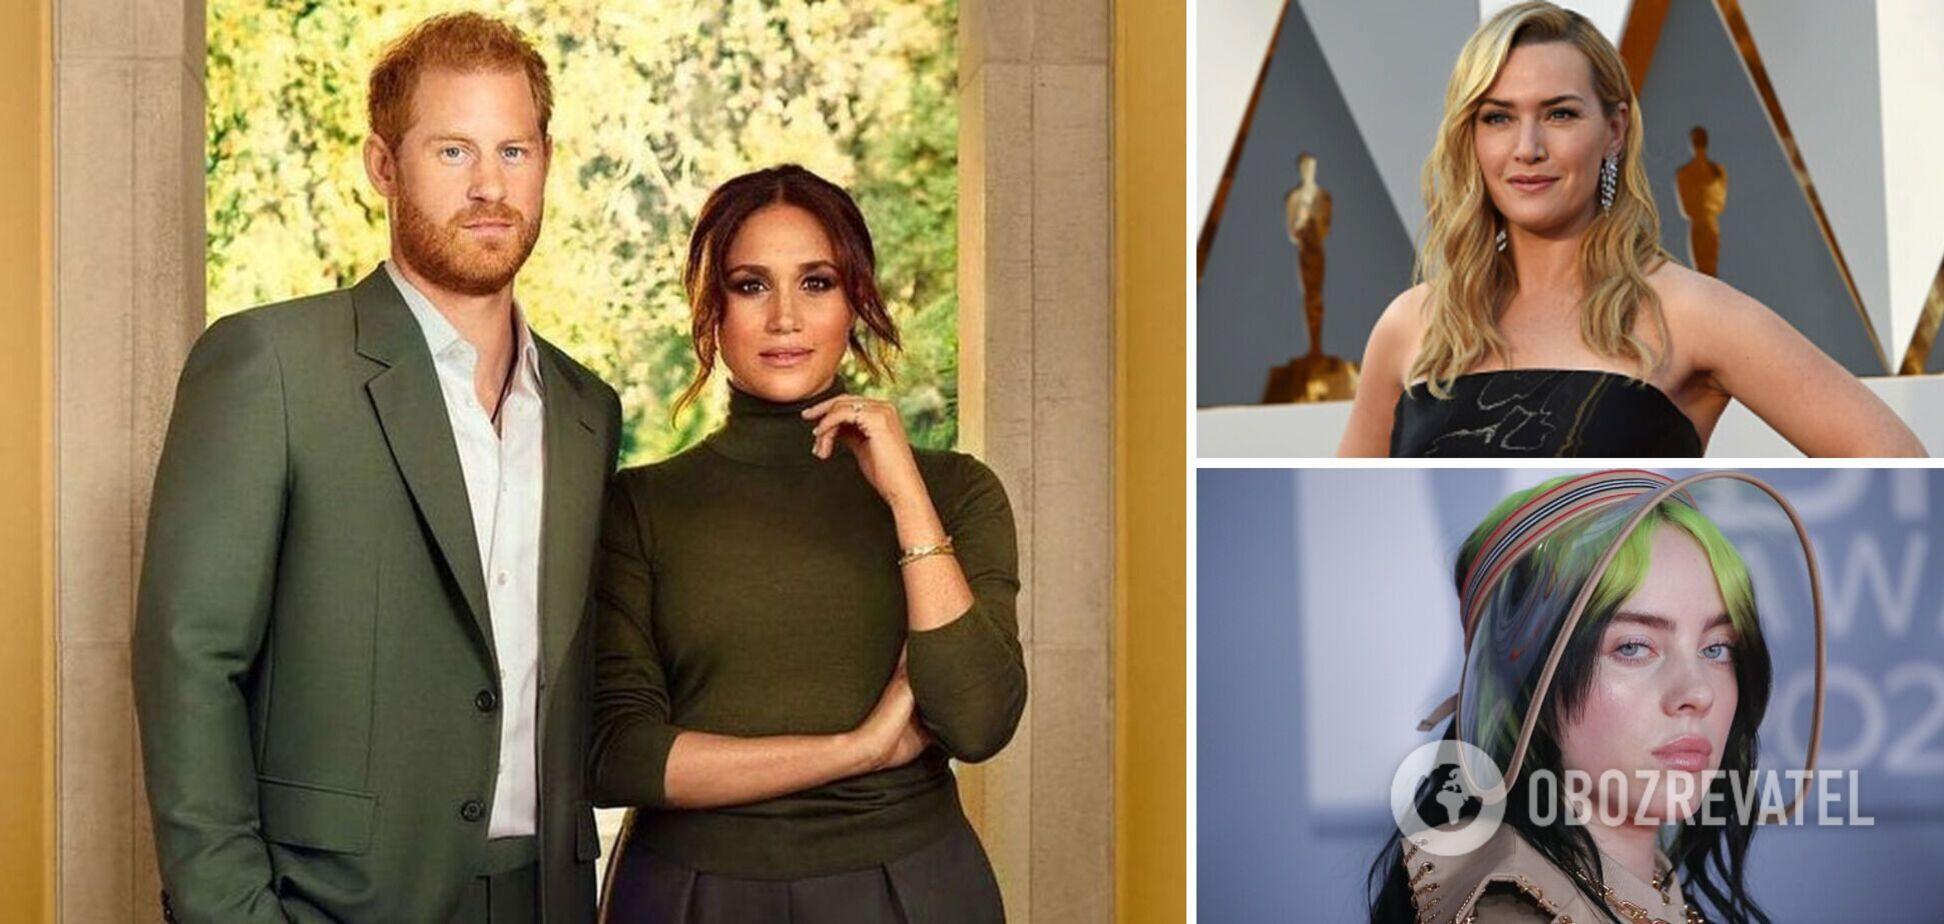 Принц Гарри с Меган Маркл, Кейт Уинслет, Билли Айлиш: Time назвал 100 самых влиятельных людей в мире